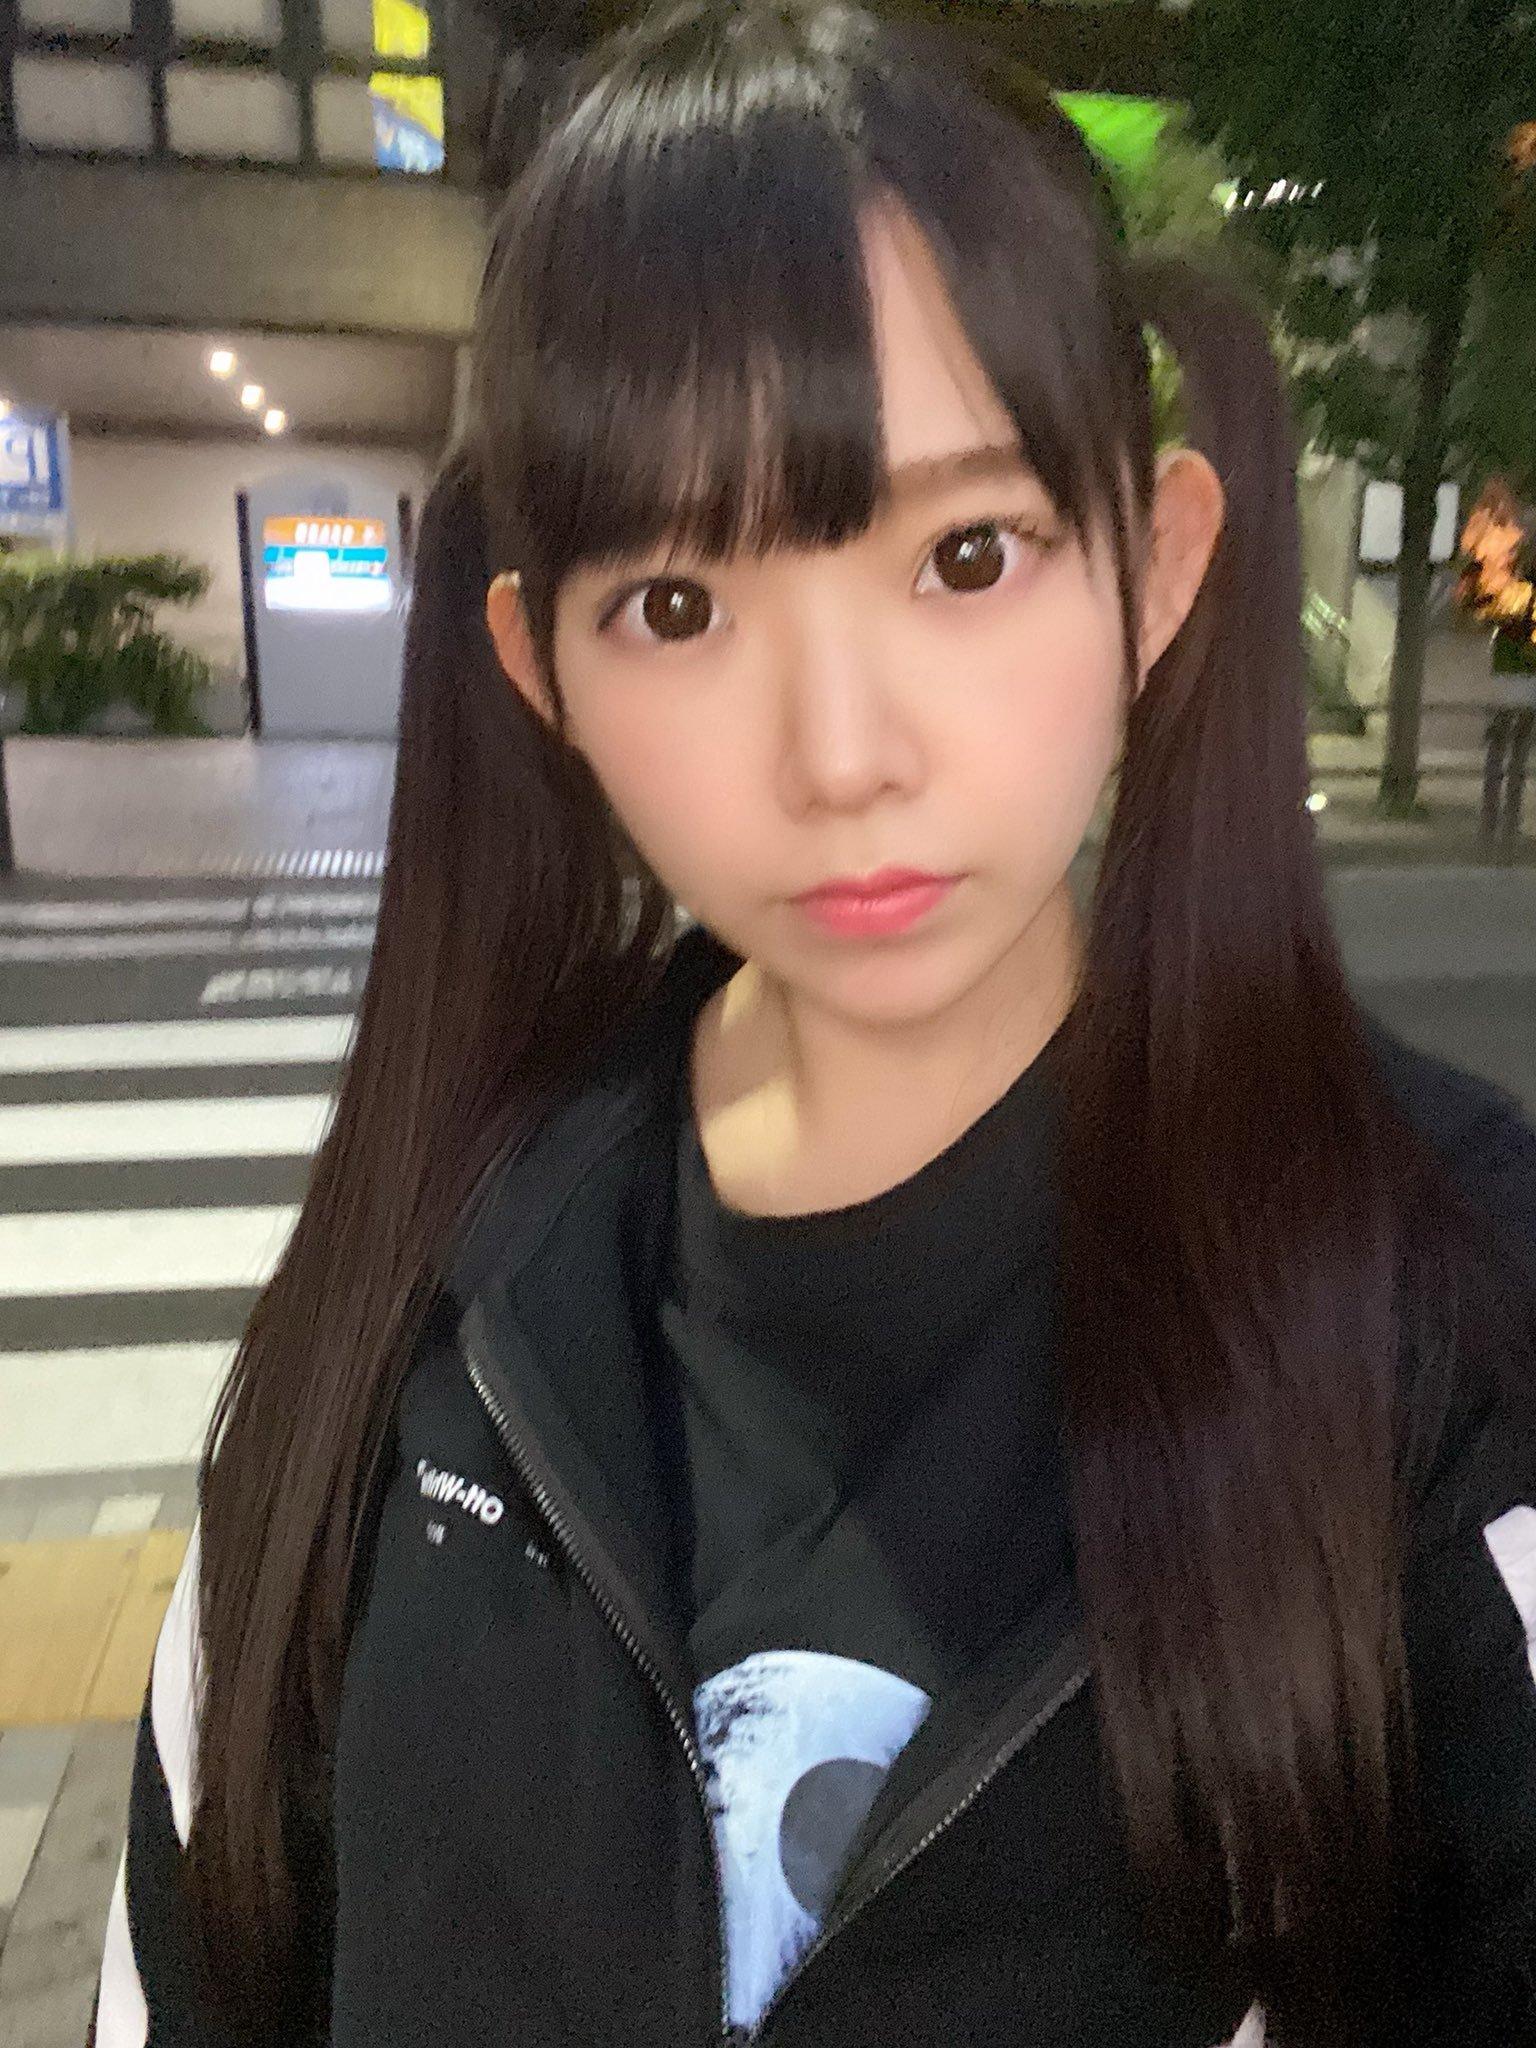 nagasawa_marina 1256715234577747968_p0